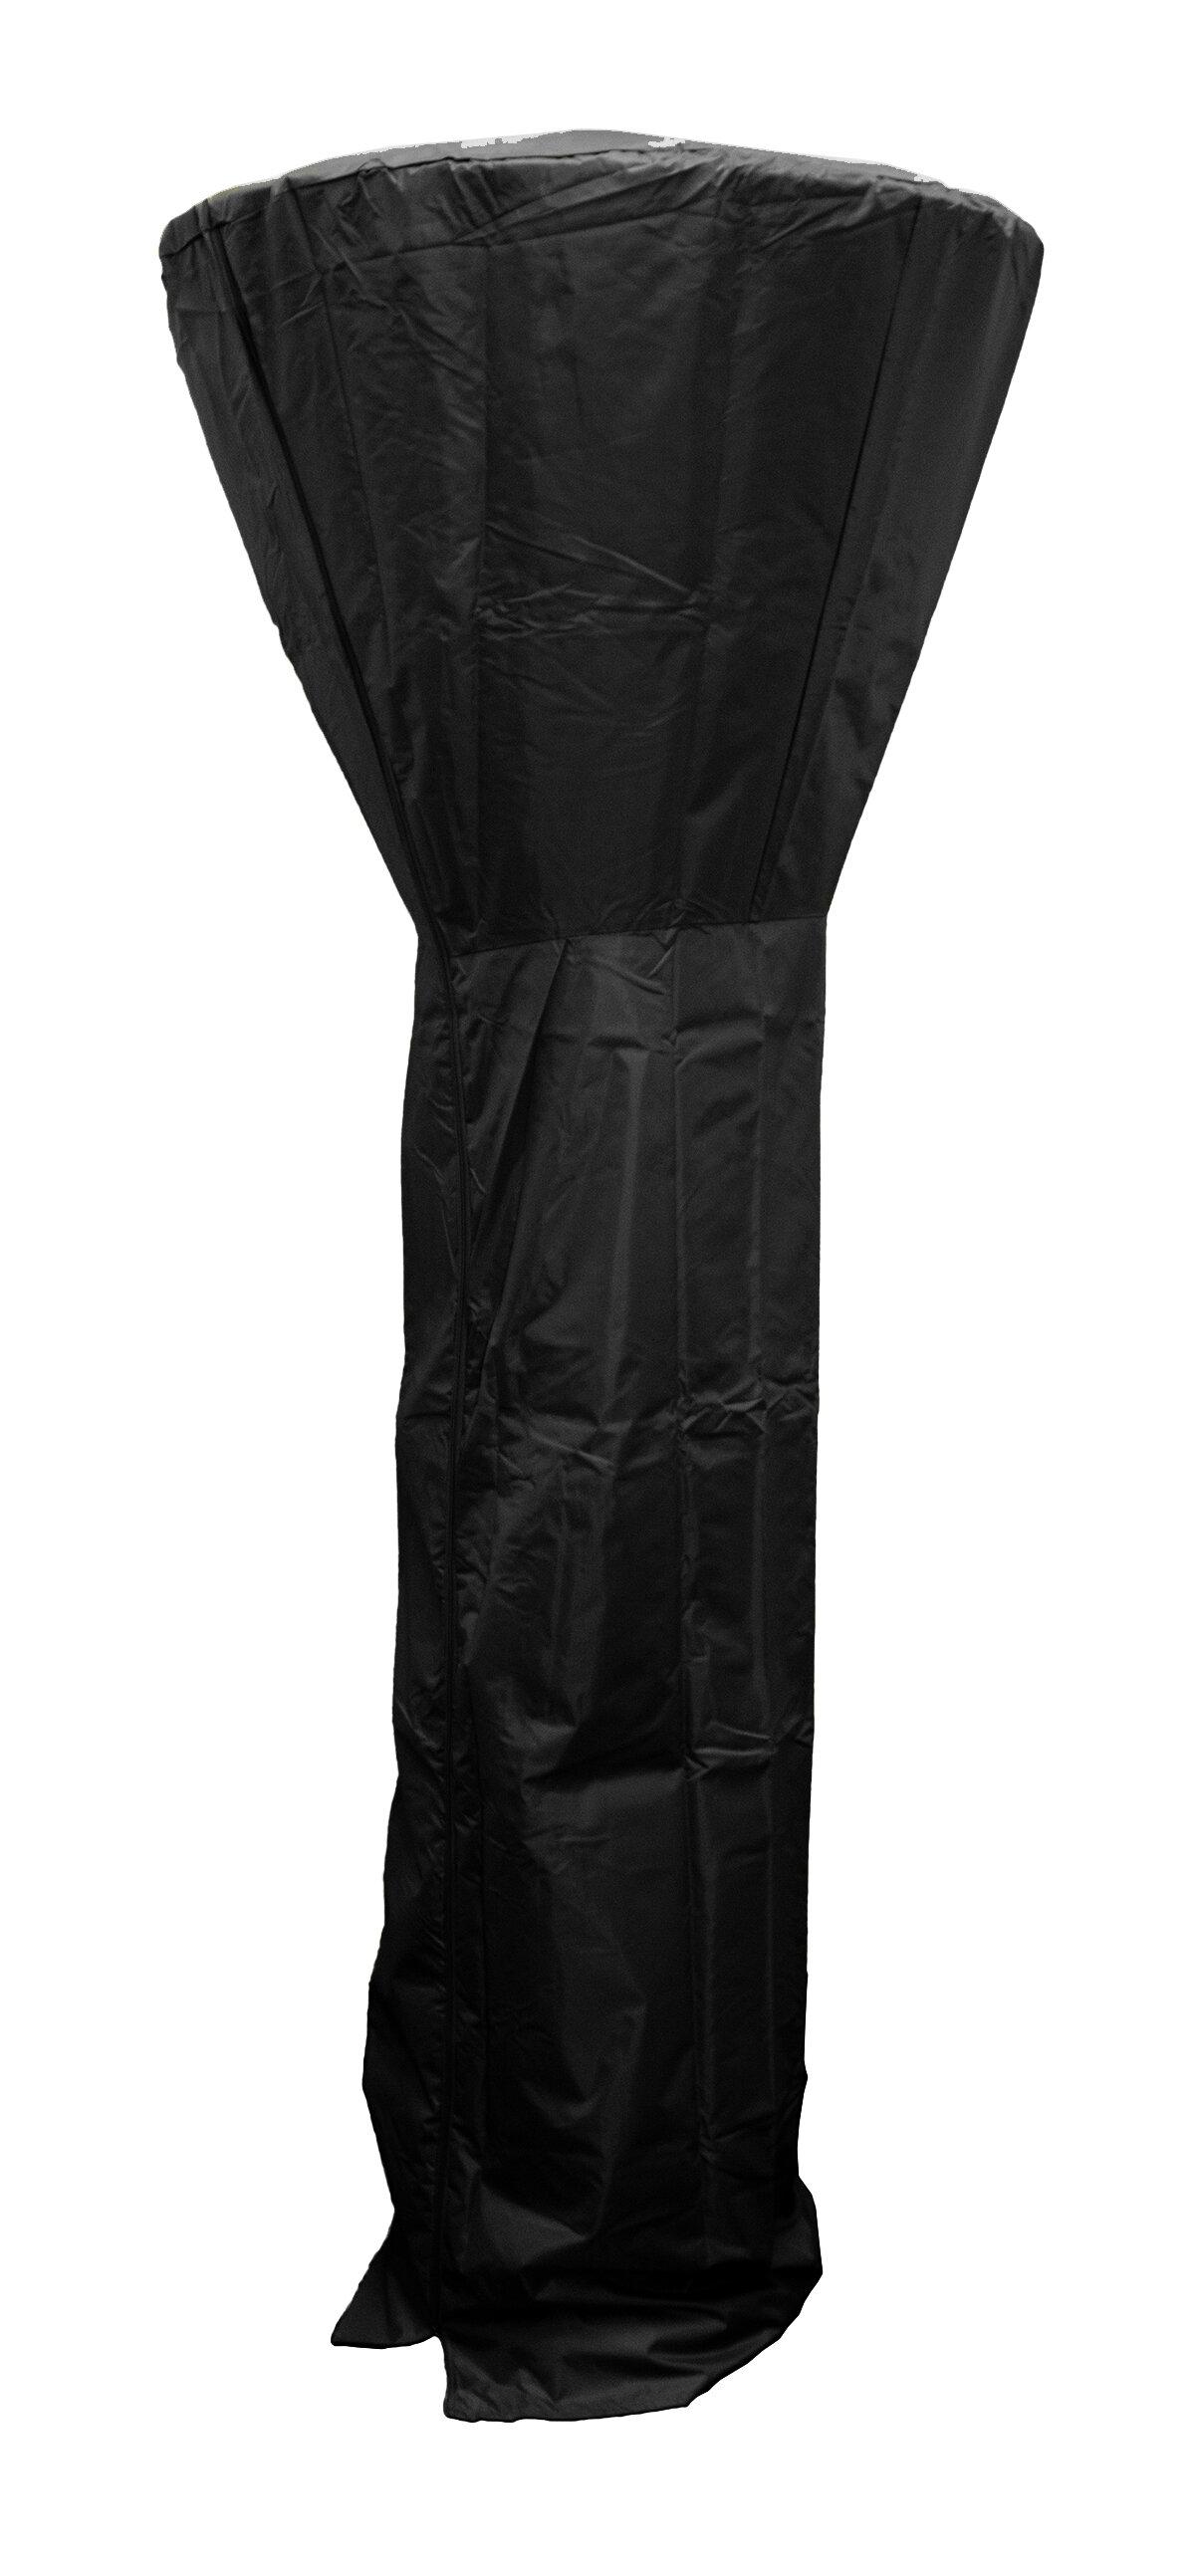 AZ Patio Heaters Heavy Duty Tall Patio Heater Cover & Reviews